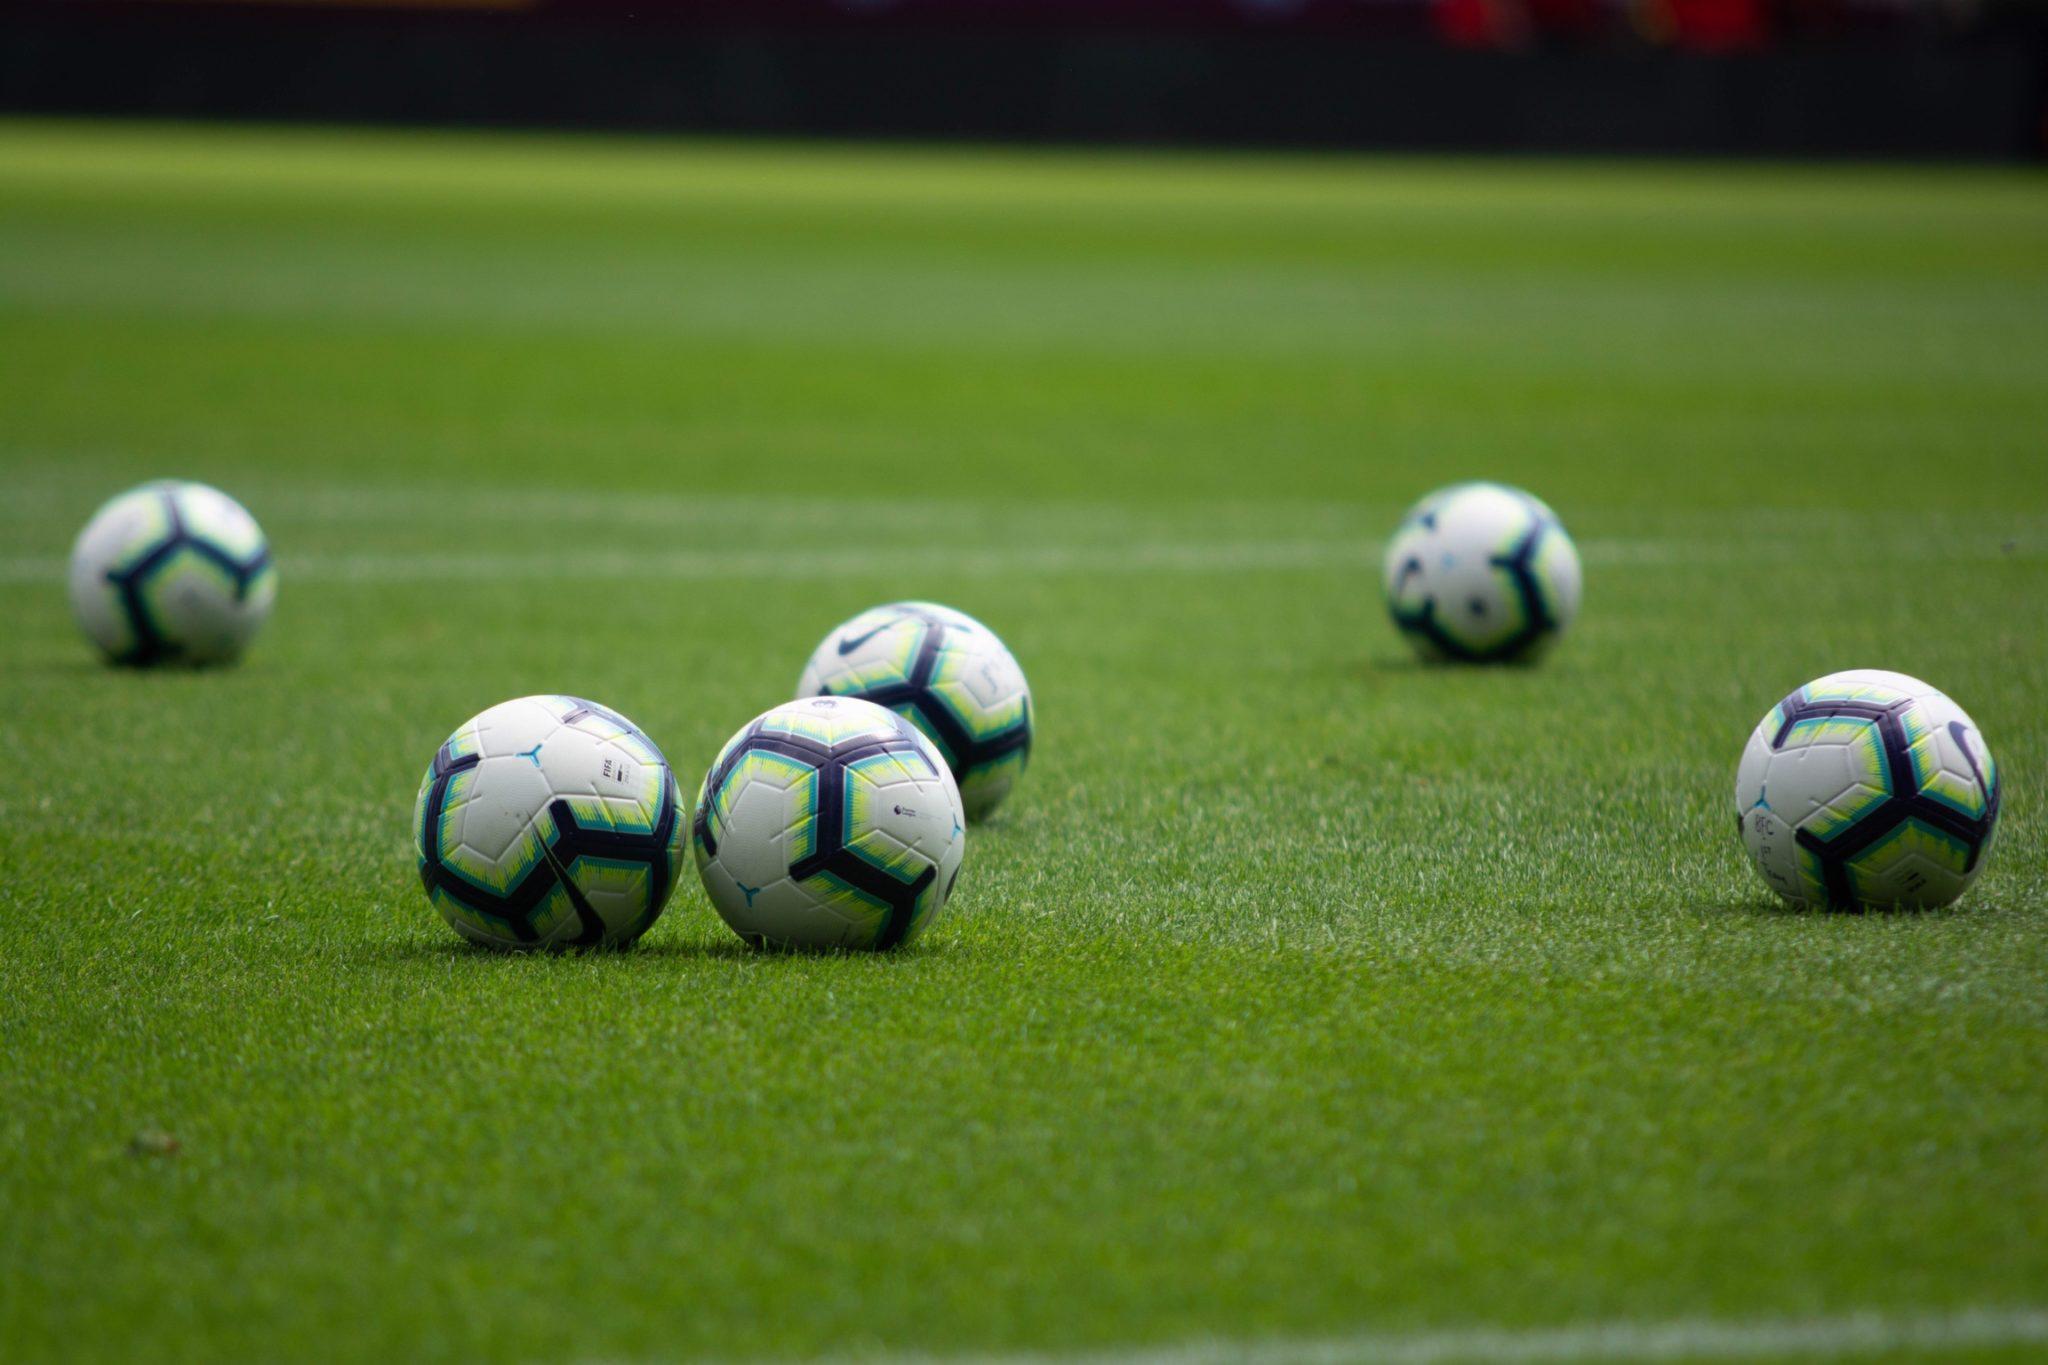 El 97 por ciento de los futbolistas de la Liga española no sabe qué sustancias están prohibidas por la Agencia Mundial Antidopaje